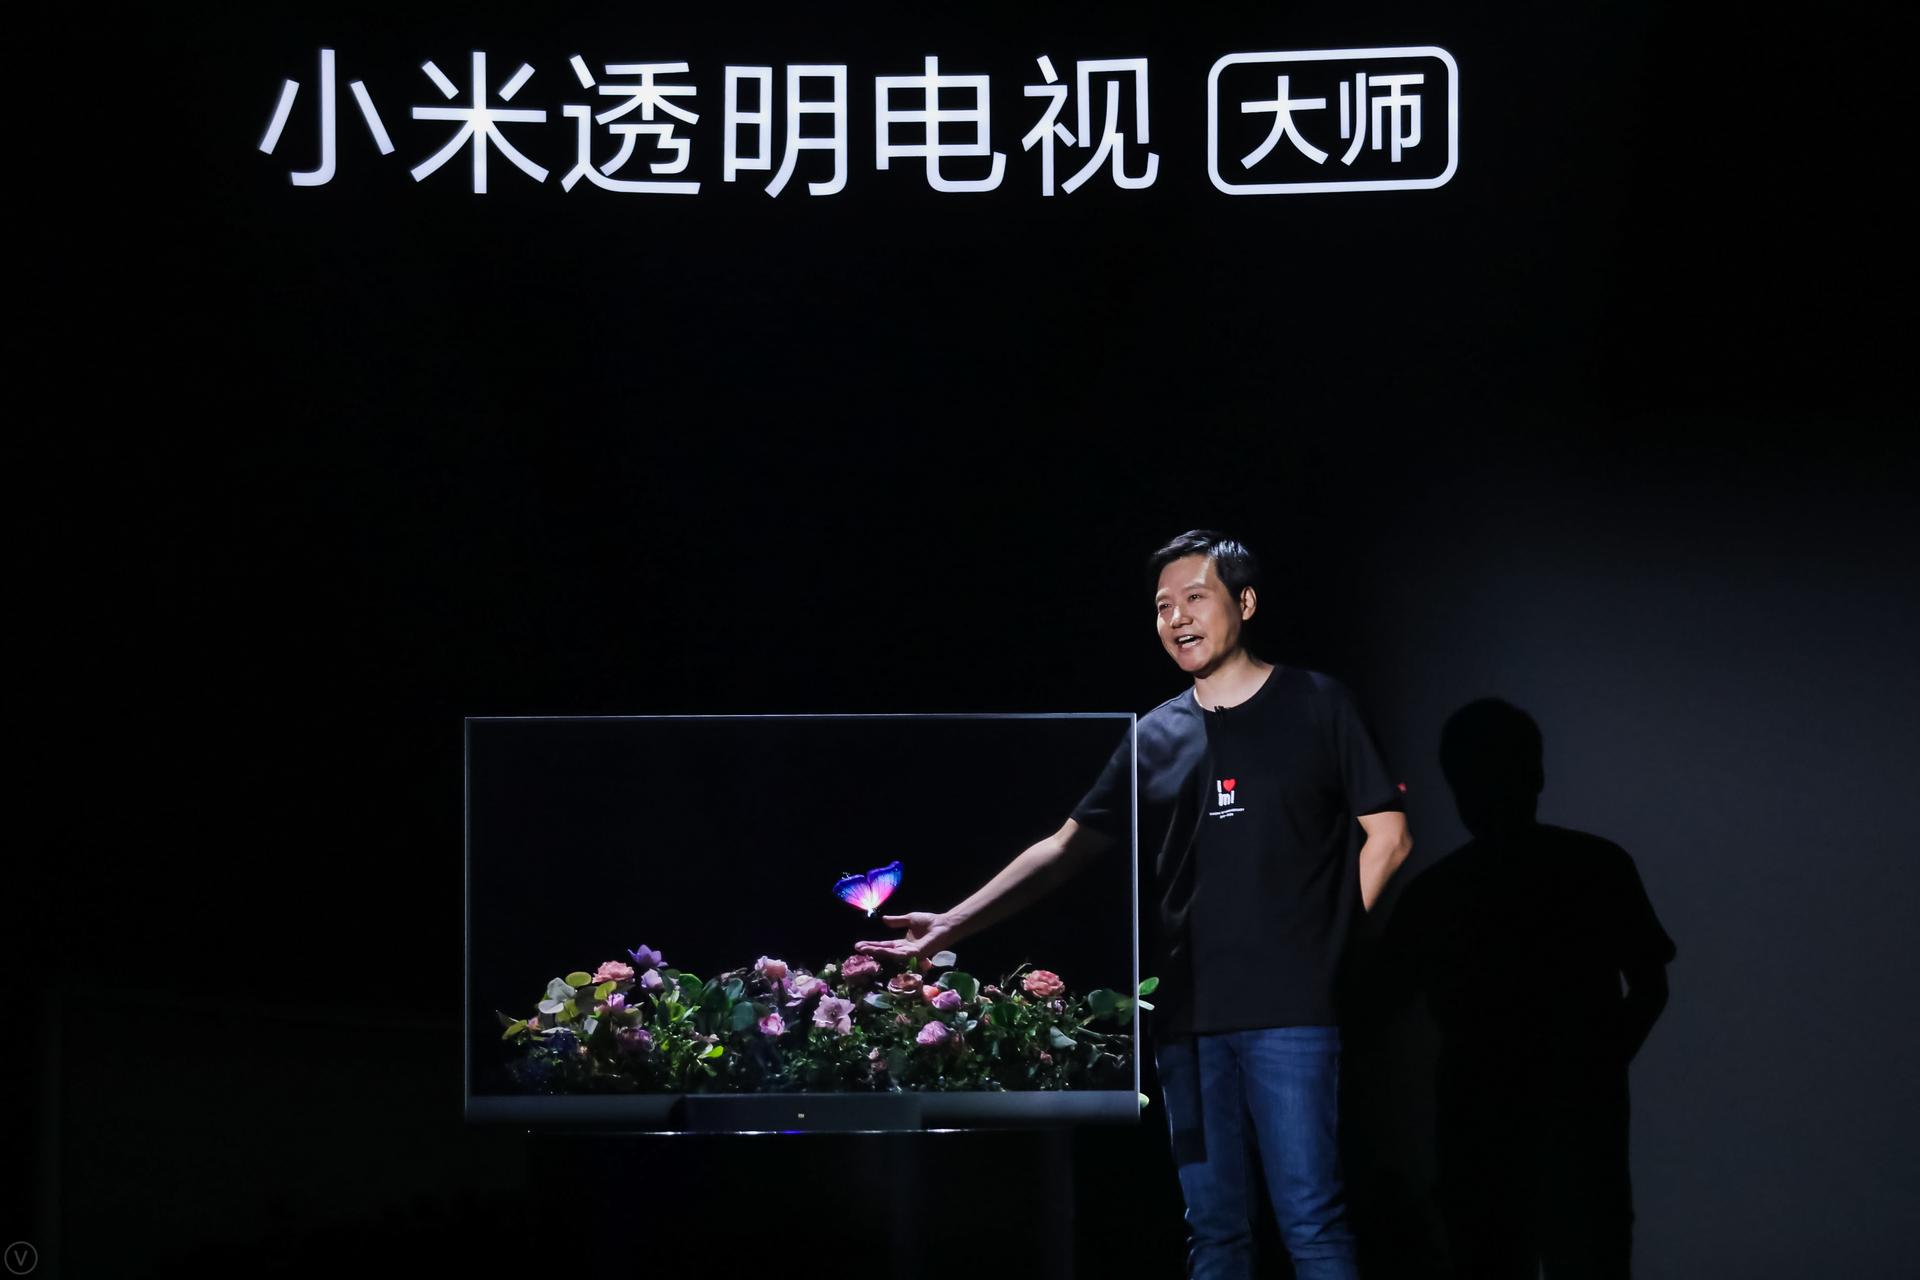 电视大师系列第二款高端产品小米透明电视惊艳亮相 售49999元